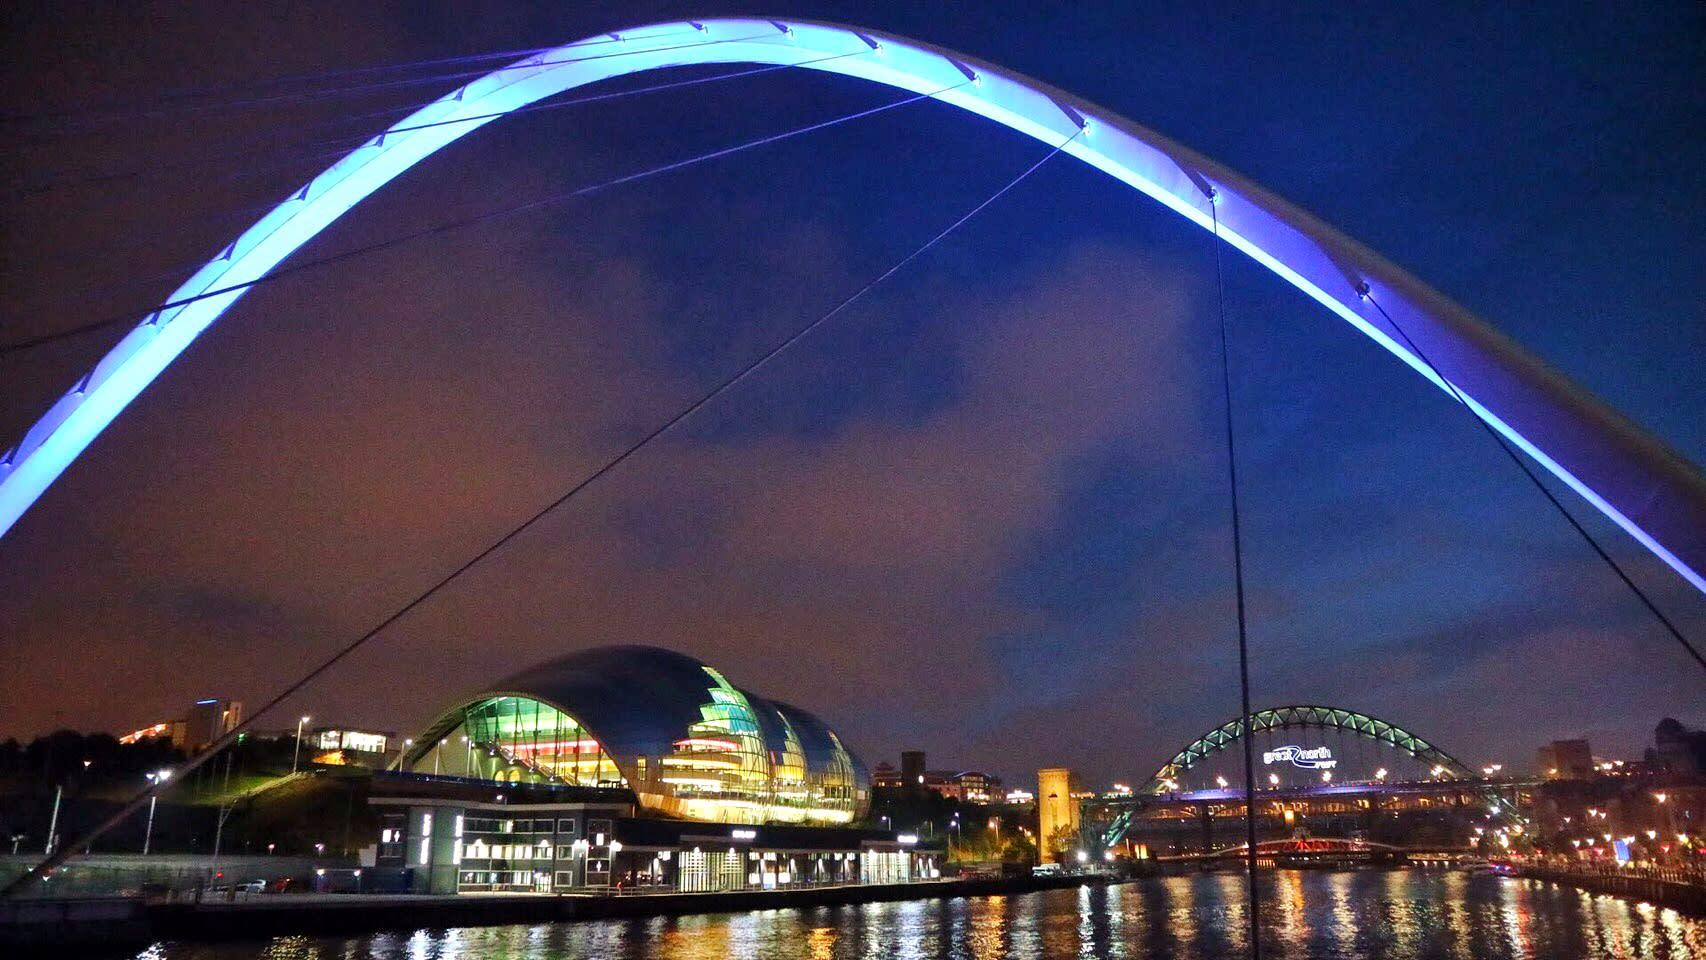 英國新堡的夜生活聞名歐洲。 英國倫敦自由行